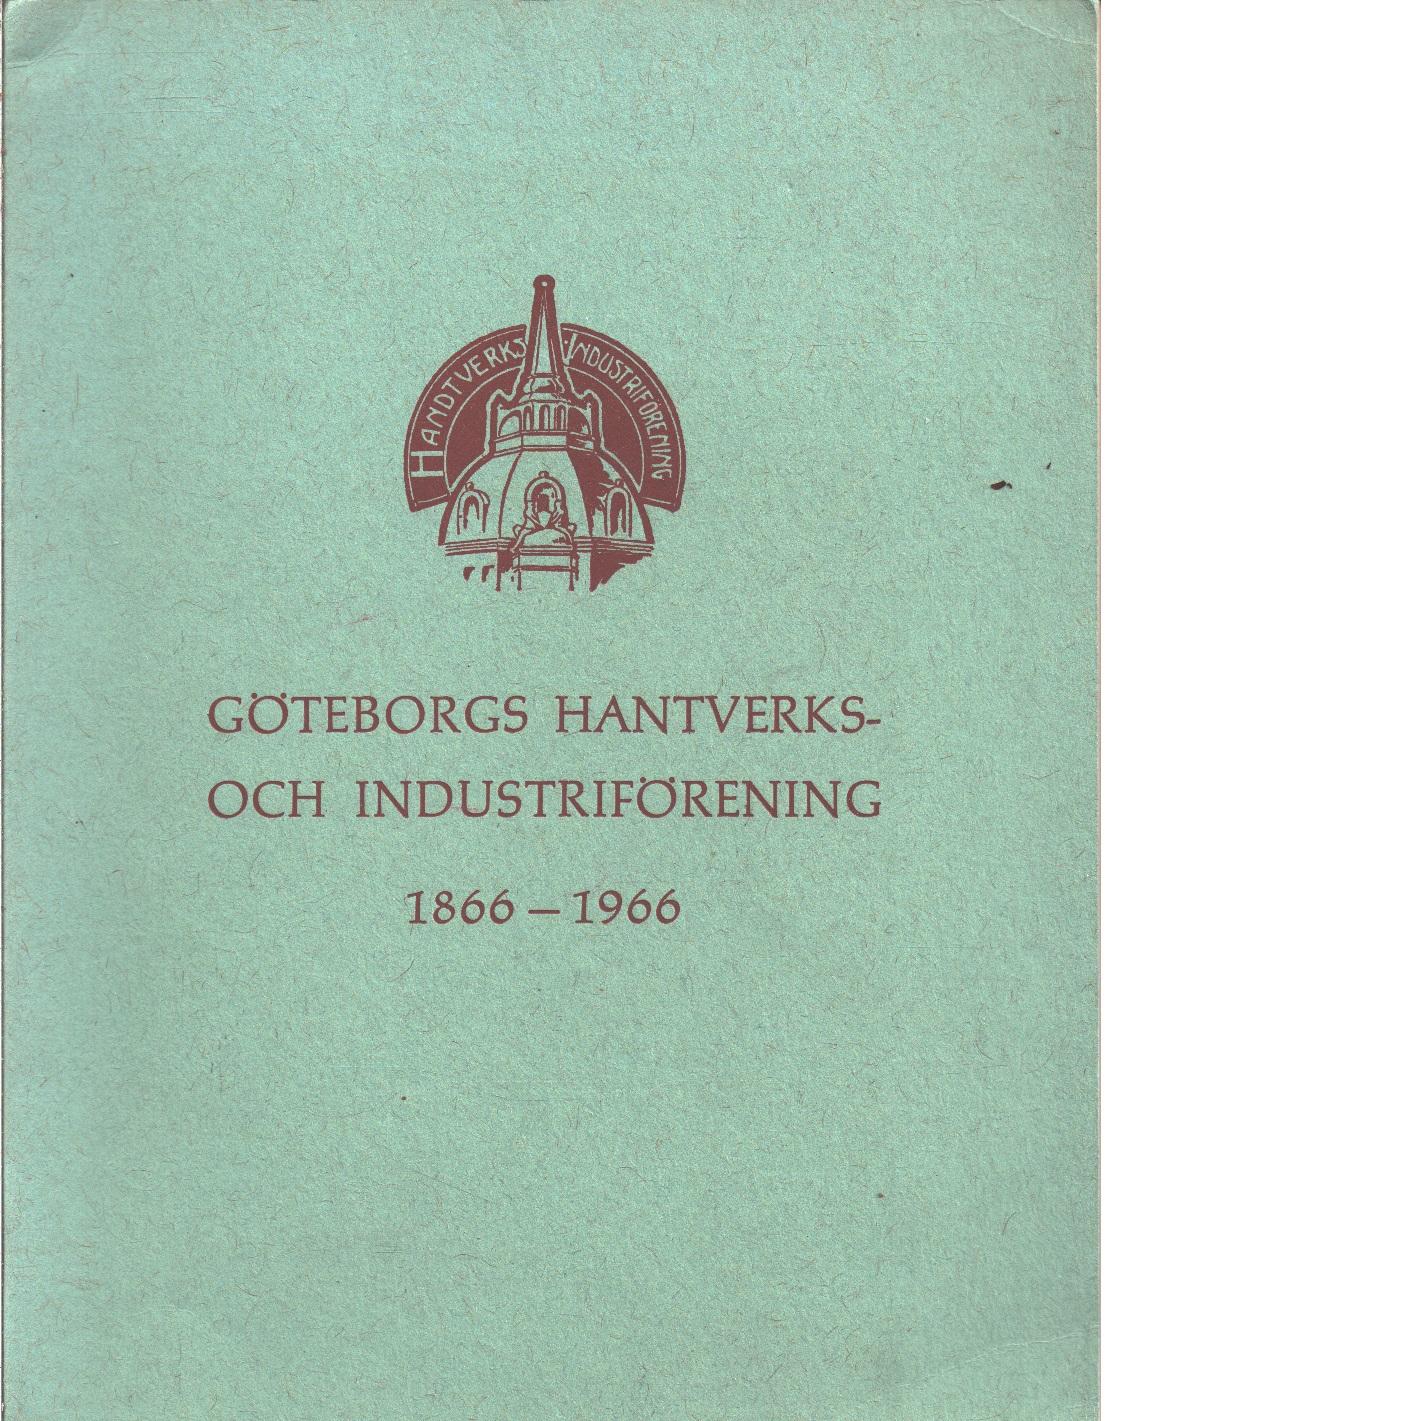 Göteborgs Hantverks- och Industriförening 1866-1966 - Fast, Carl Otto